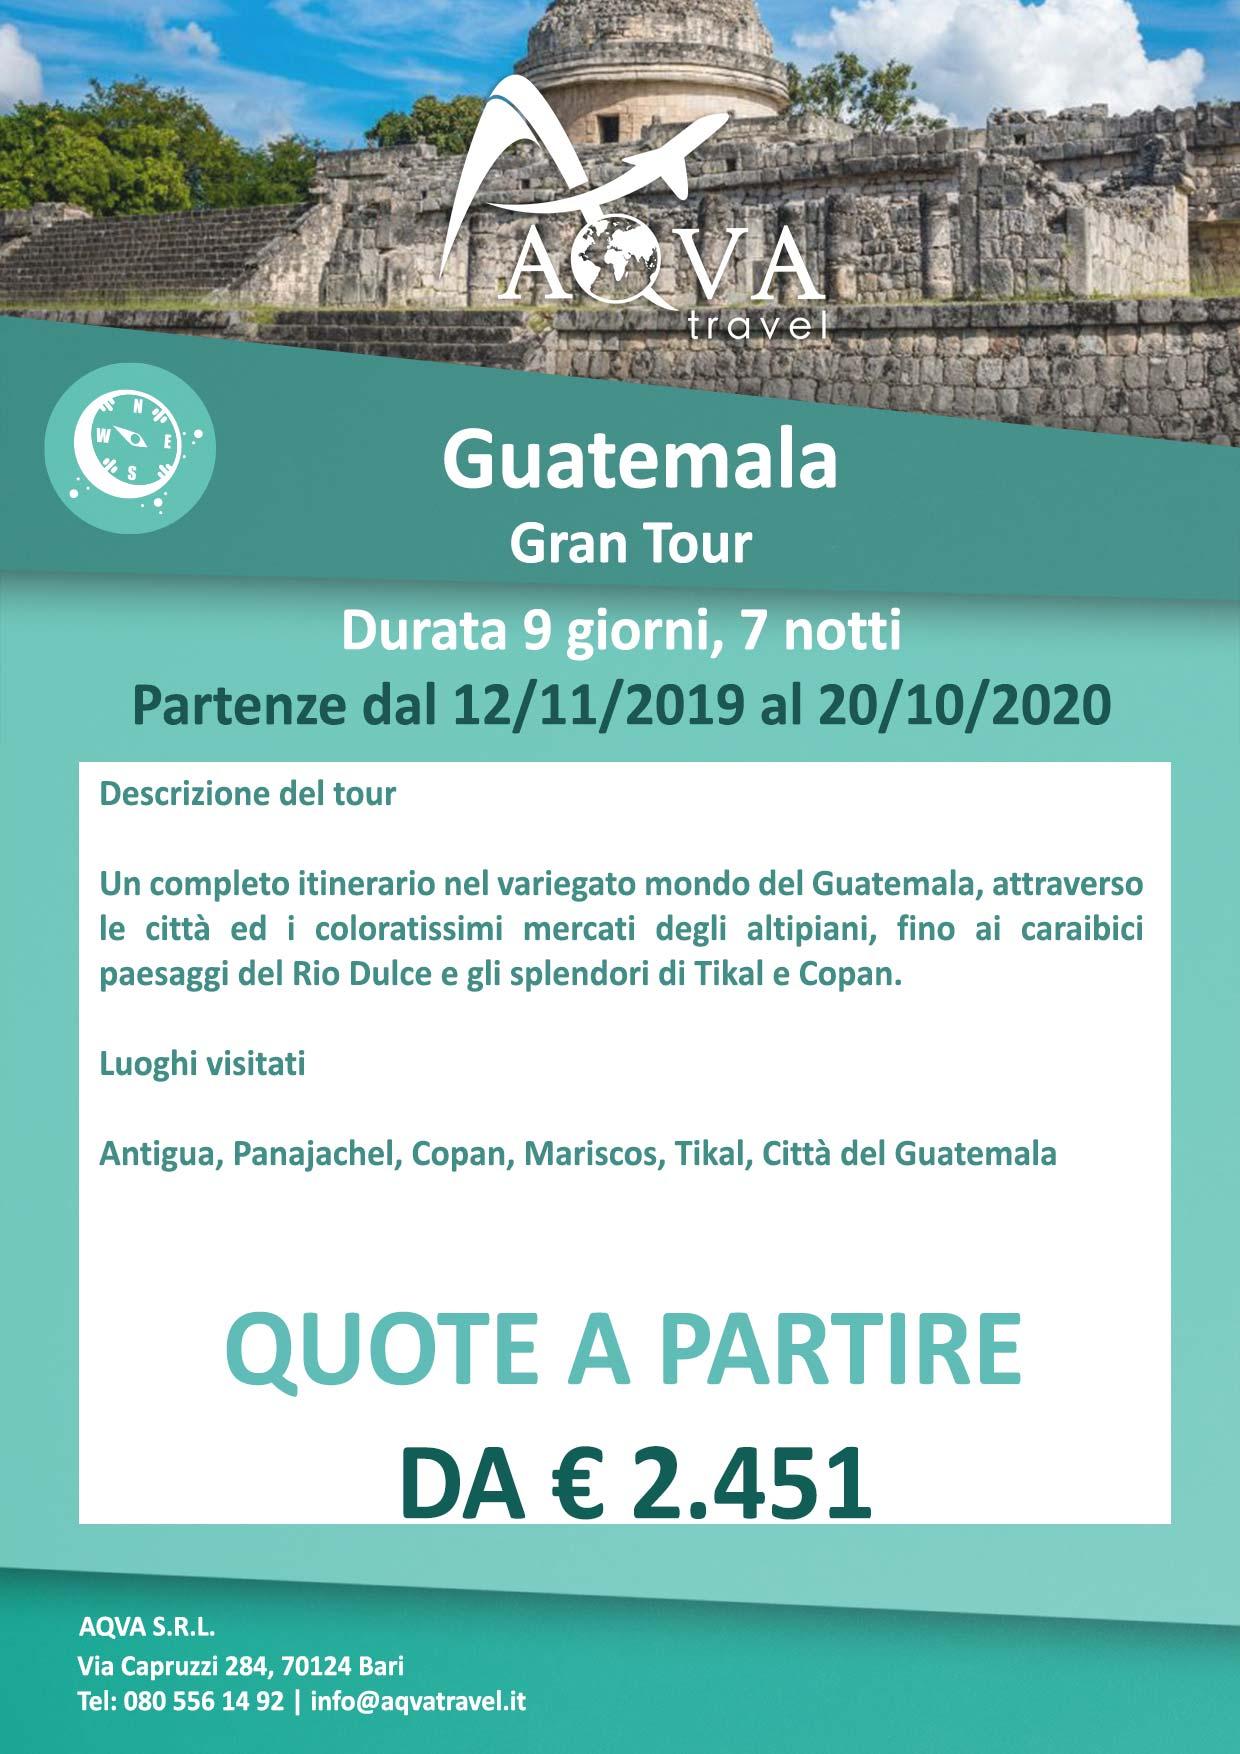 Guatemala-Gran-Tour-Durata-9-giorni-7-notti-Avventura-offerte-agenzia-di-viaggi-Bari-AQVATRAVEL-it